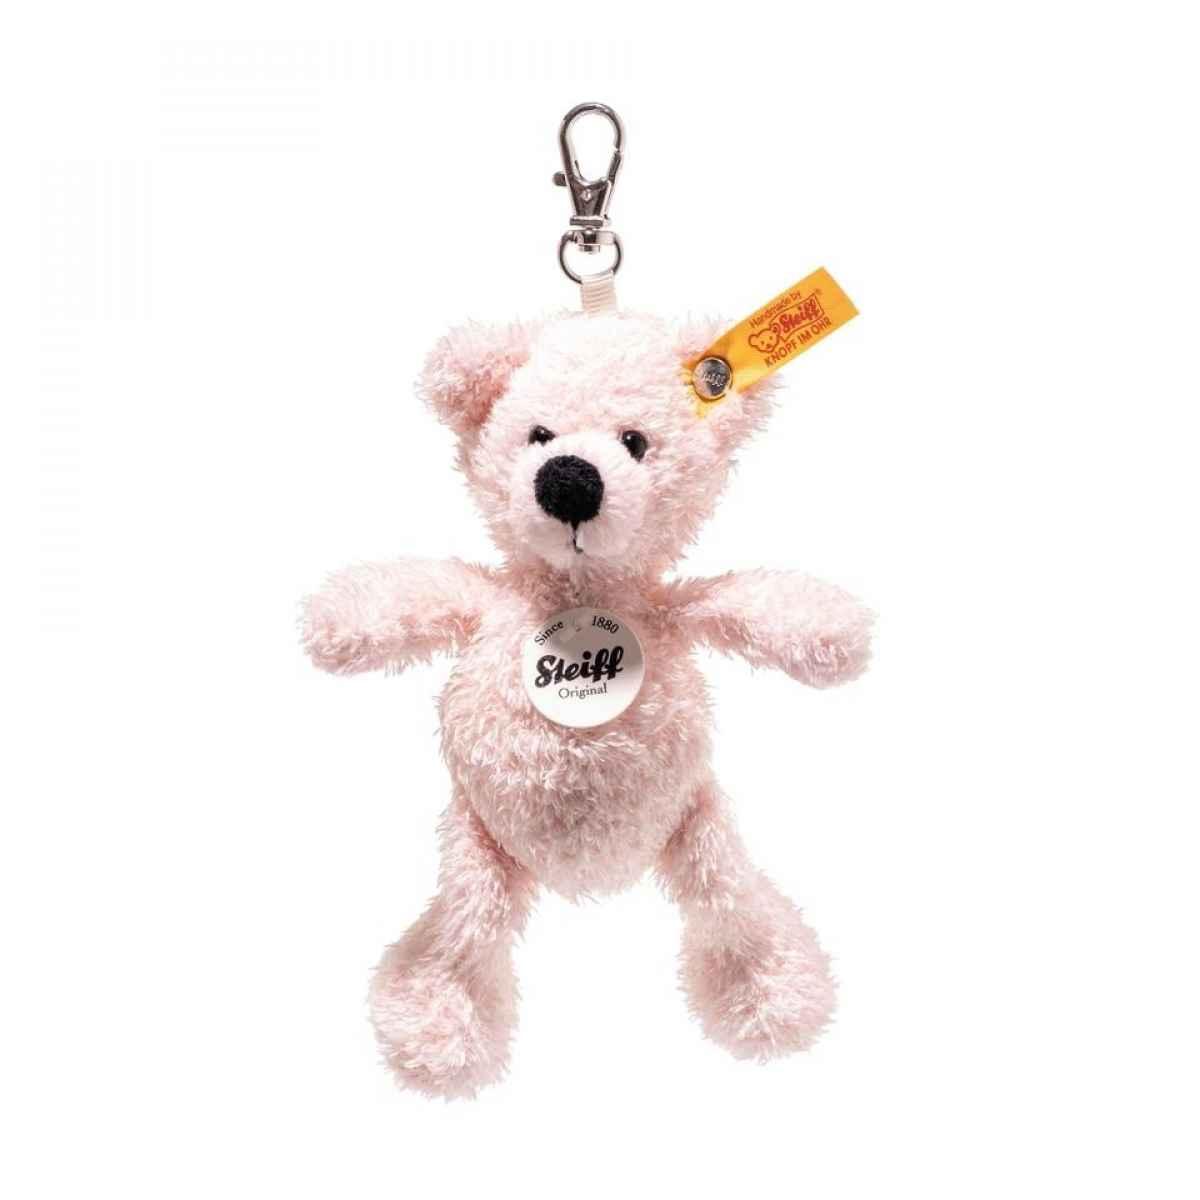 Steiff Lotte Pink Teddy Bear Keyring - EAN 112515